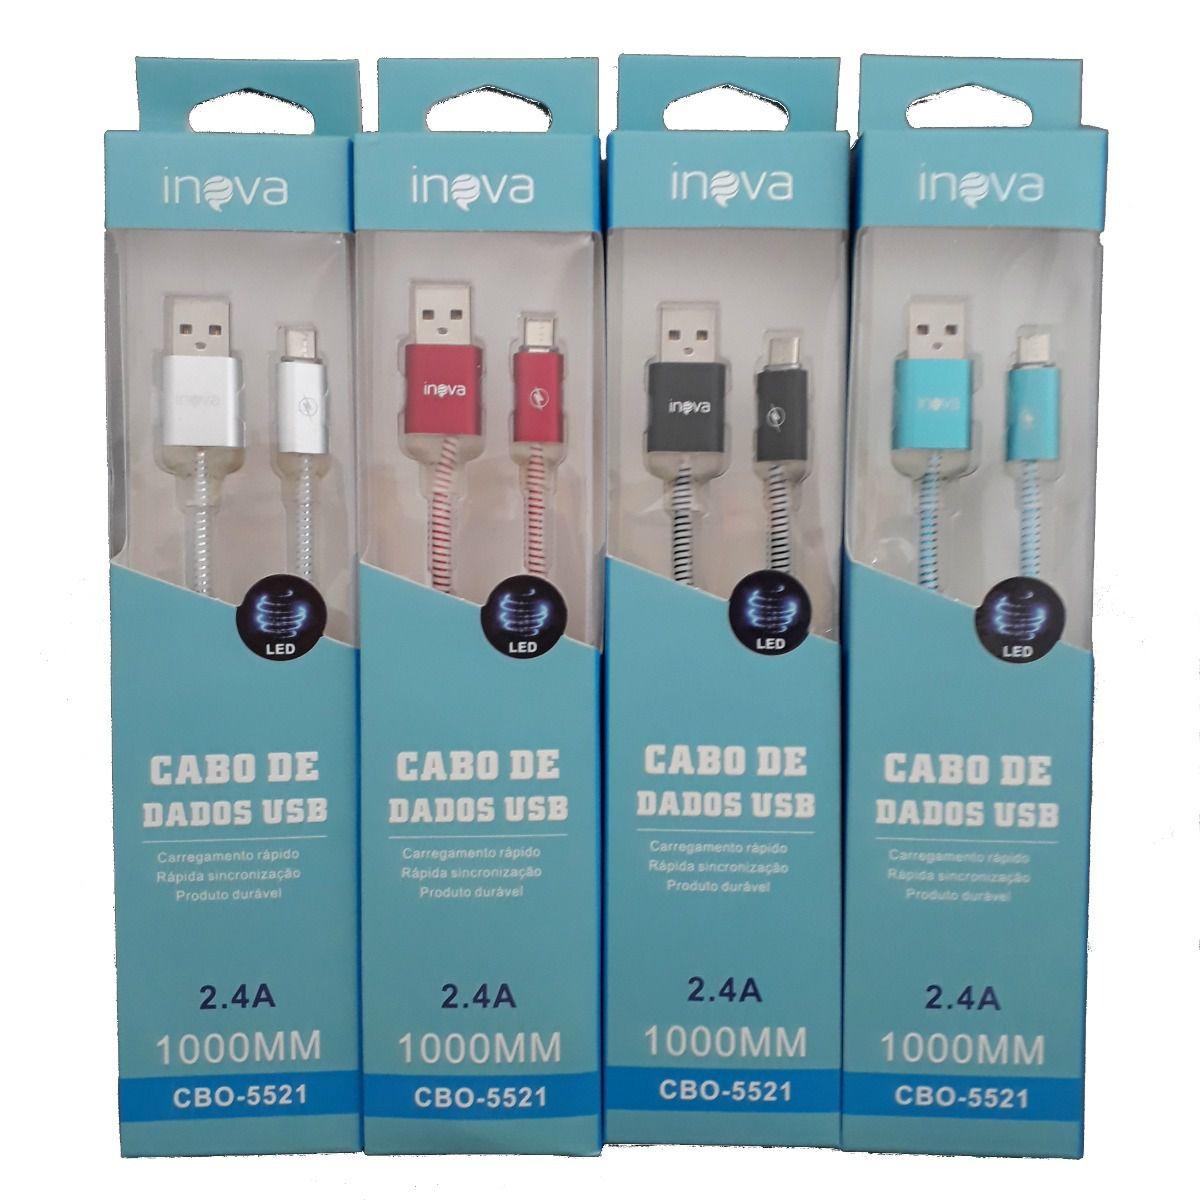 Cabo Turbo USB C/ LED | 1m V8 | Inova CBO